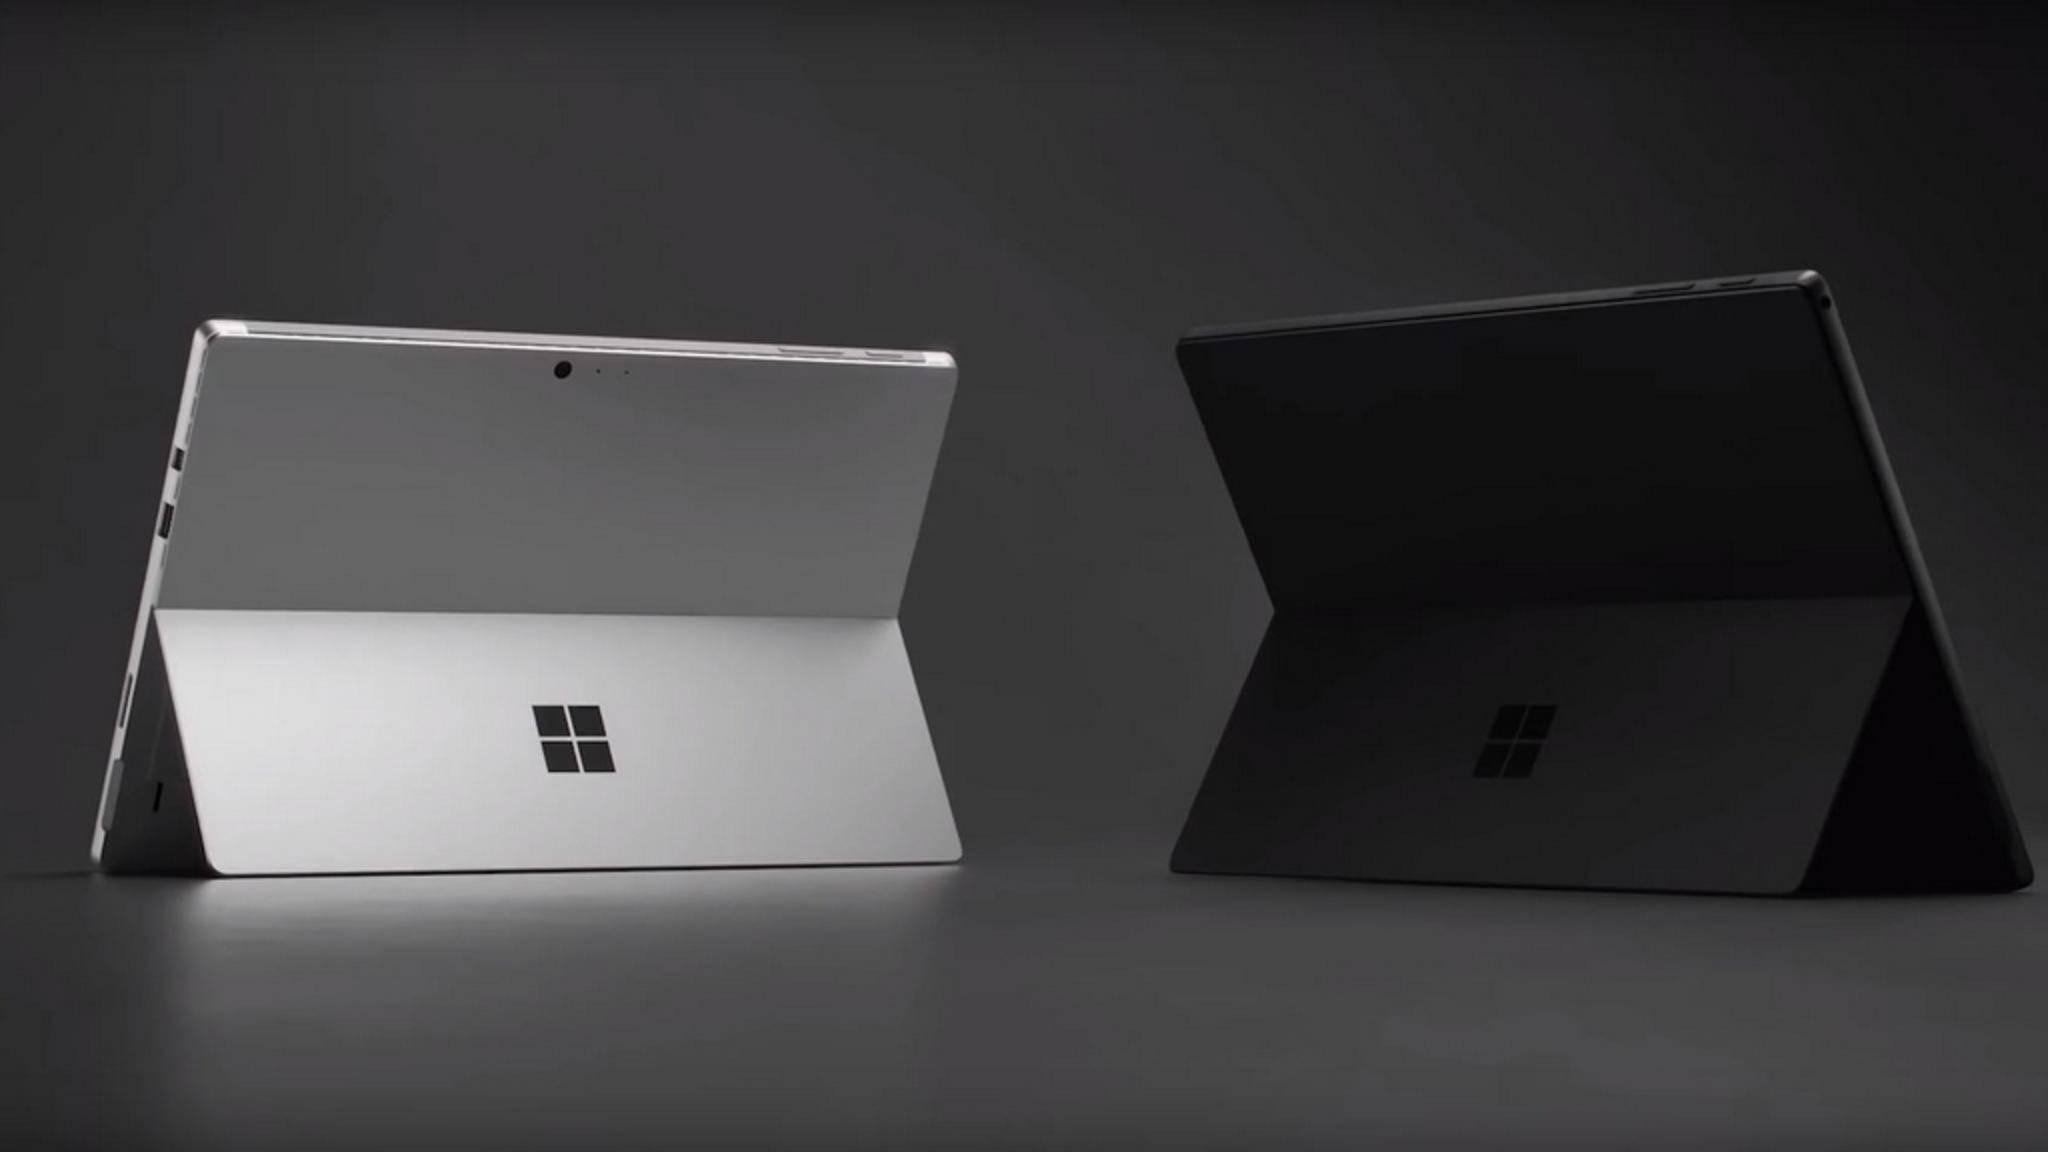 Das Surface Pro 6 ist in zwei Farbausführungen verfügbar.